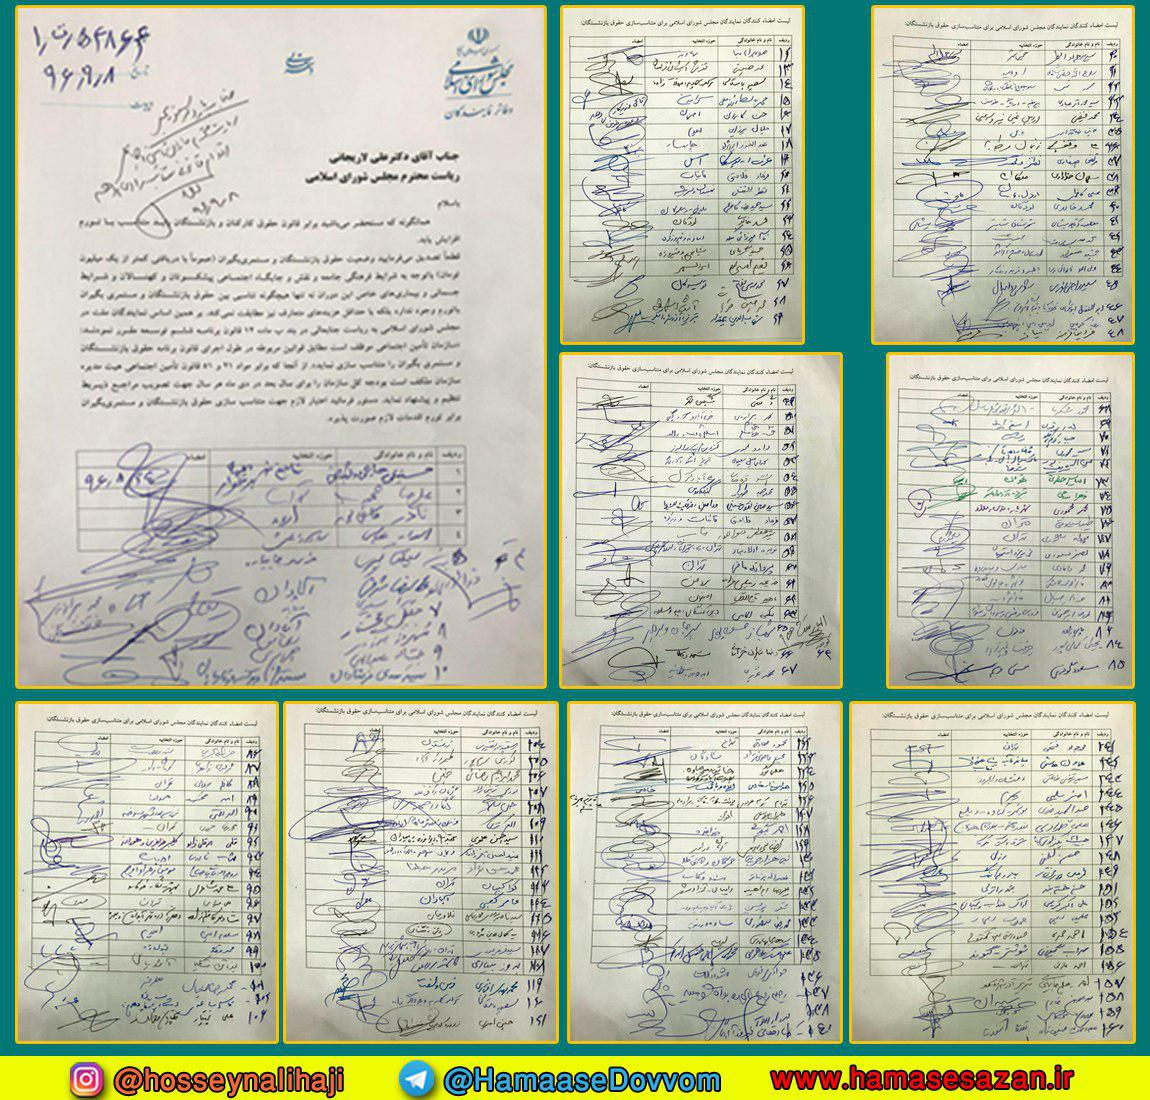 افزایش تعداد نمایندگان امضاکننده نامه جناب آقای حاجی به رئیس مجلس برای متناسب سازی حقوق کارگران بازنشسته و مستمری بگیر/۱۶۰ نماینده همراه شدند/دستور لاریجانی به نوربخش برای اقدام